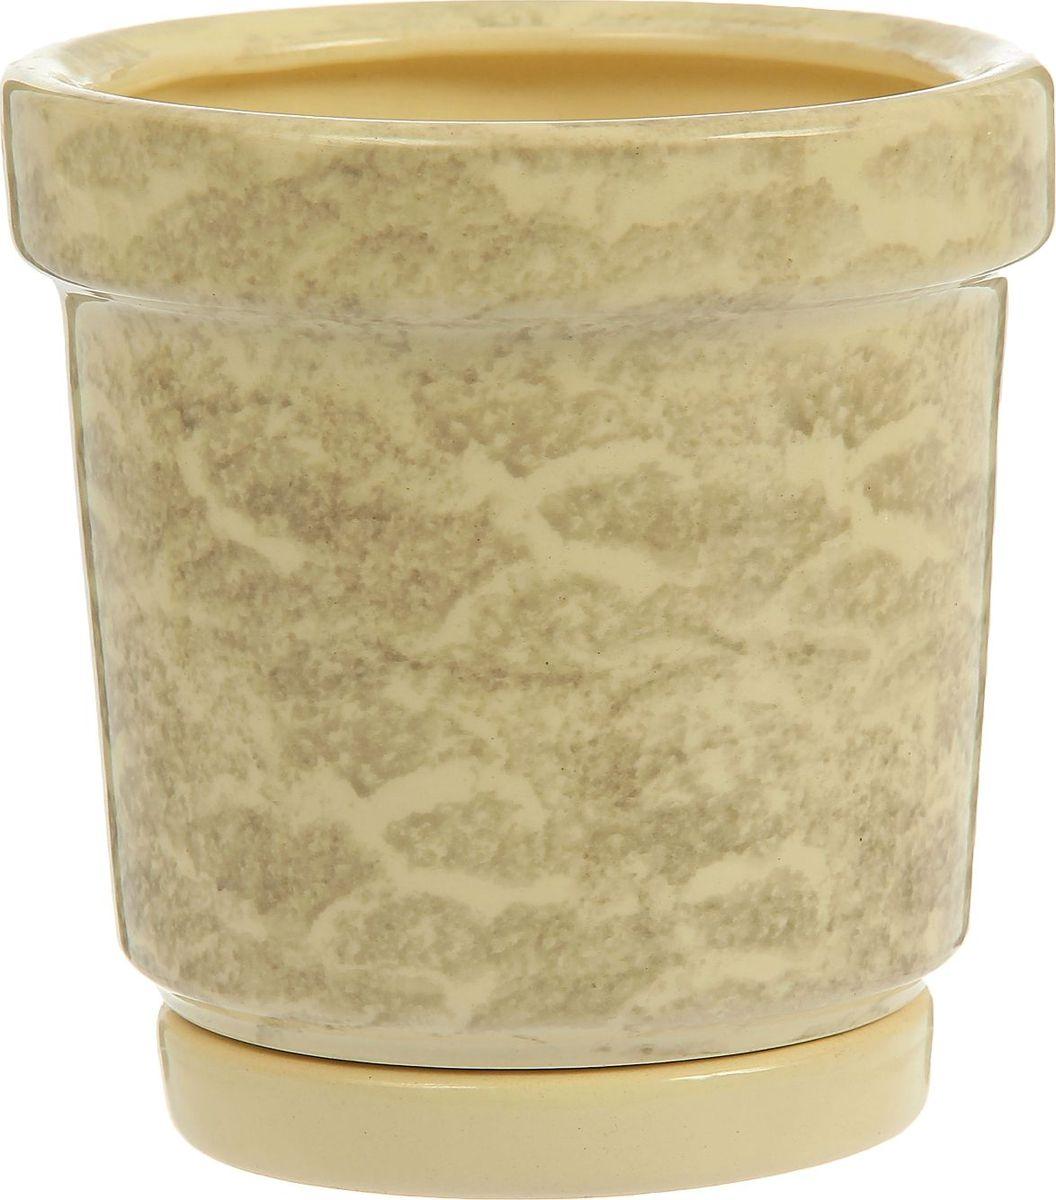 Кашпо Семейка, цвет: белый, 1,2 л1241374Комнатные растения — всеобщие любимцы. Они радуют глаз, насыщают помещение кислородом и украшают пространство. Каждому из них необходим свой удобный и красивый дом. Кашпо из керамики прекрасно подходят для высадки растений: за счёт пластичности глины и разных способов обработки существует великое множество форм и дизайновпористый материал позволяет испаряться лишней влагевоздух, необходимый для дыхания корней, проникает сквозь керамические стенки! #name# позаботится о зелёном питомце, освежит интерьер и подчеркнёт его стиль.